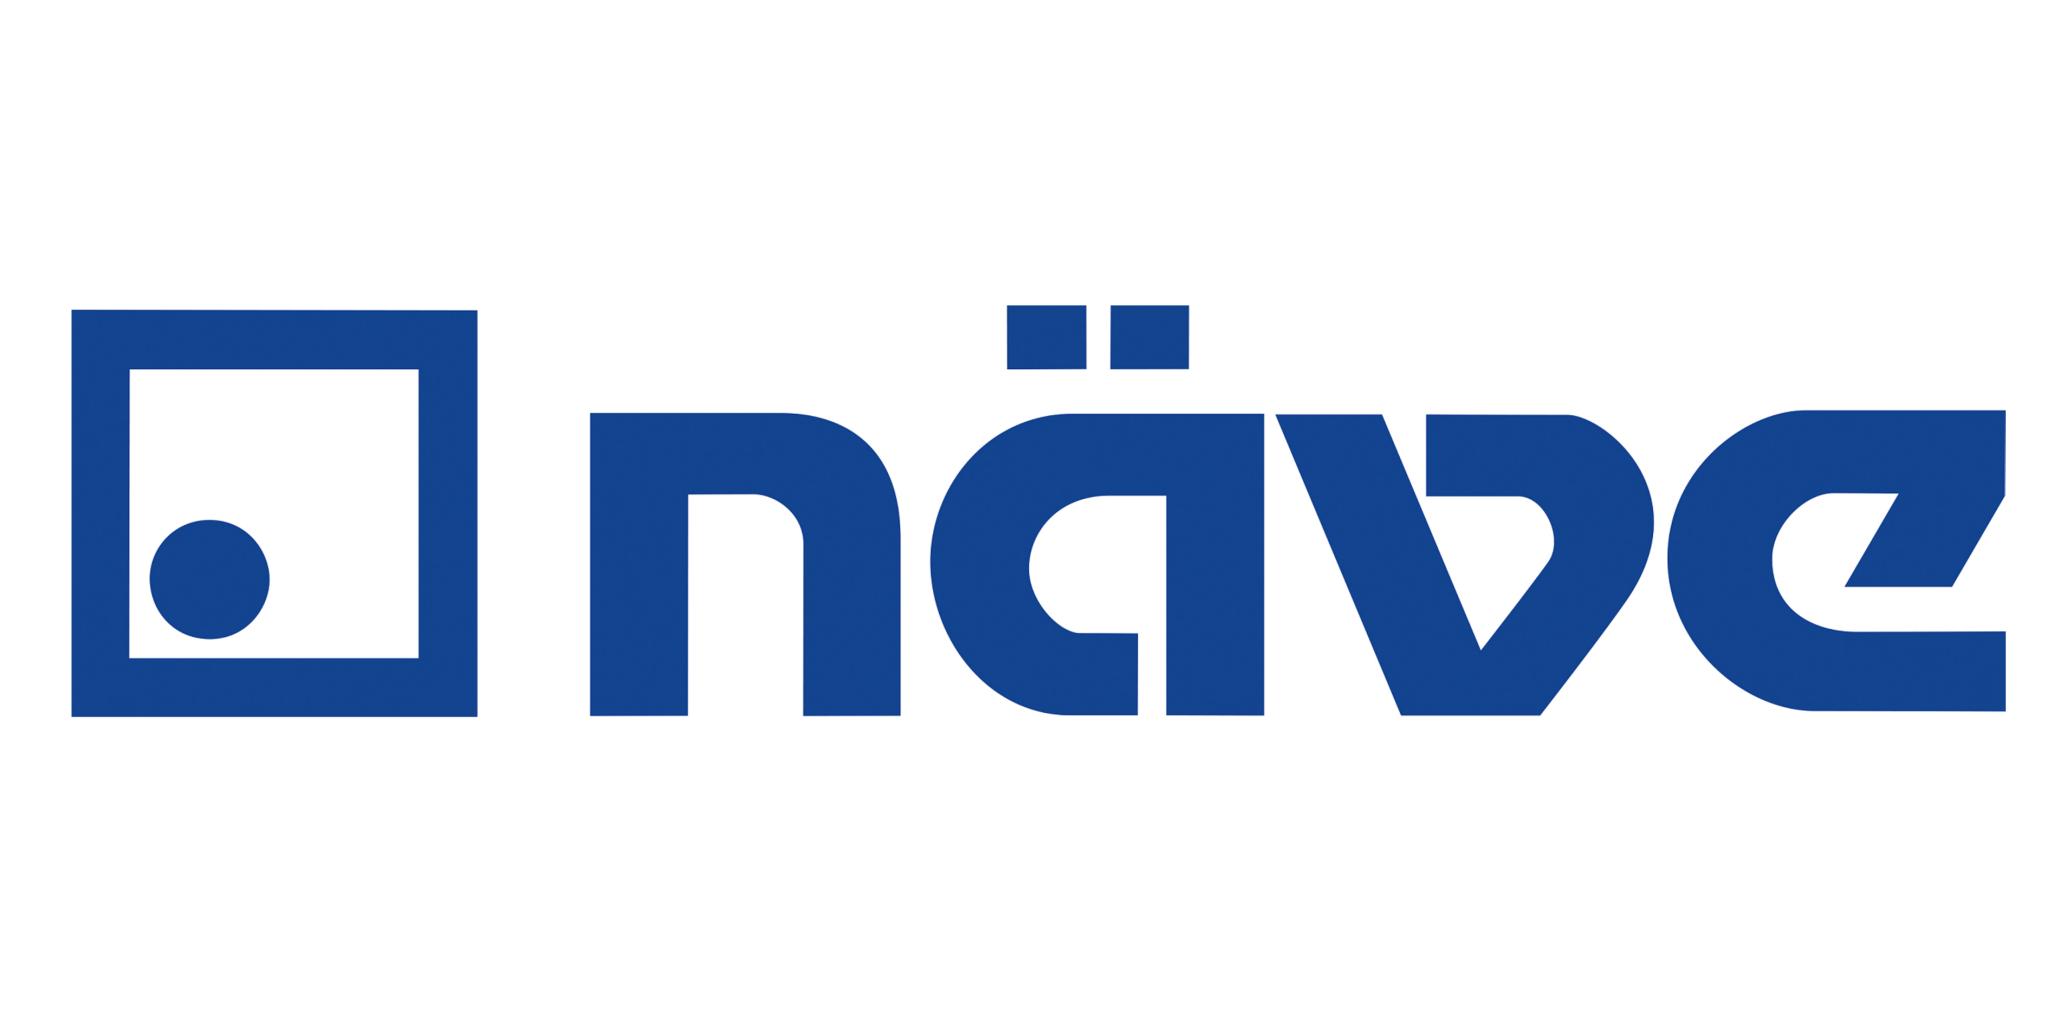 Näve Leuchten GmbH